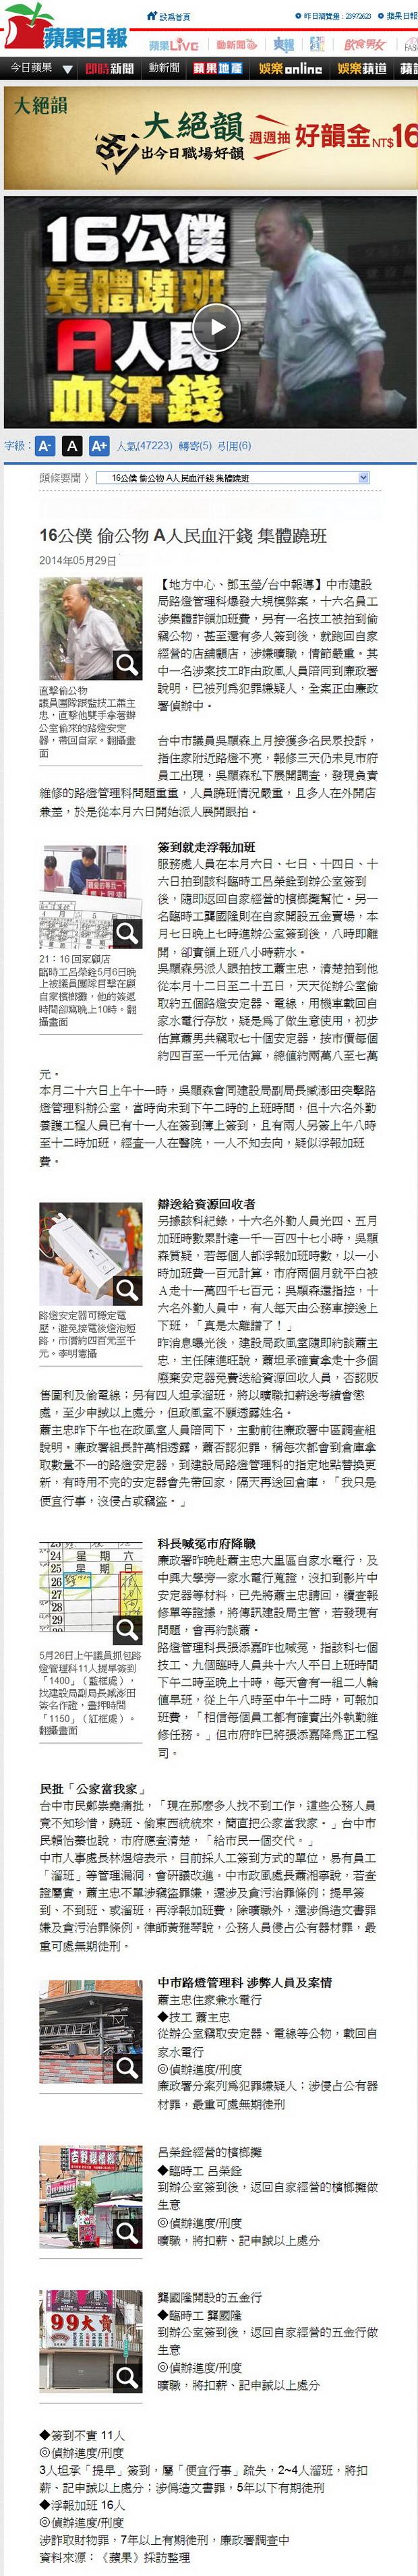 16公僕 偷公物 A人民血汗錢 集體蹺班-2014.05.29.jpg